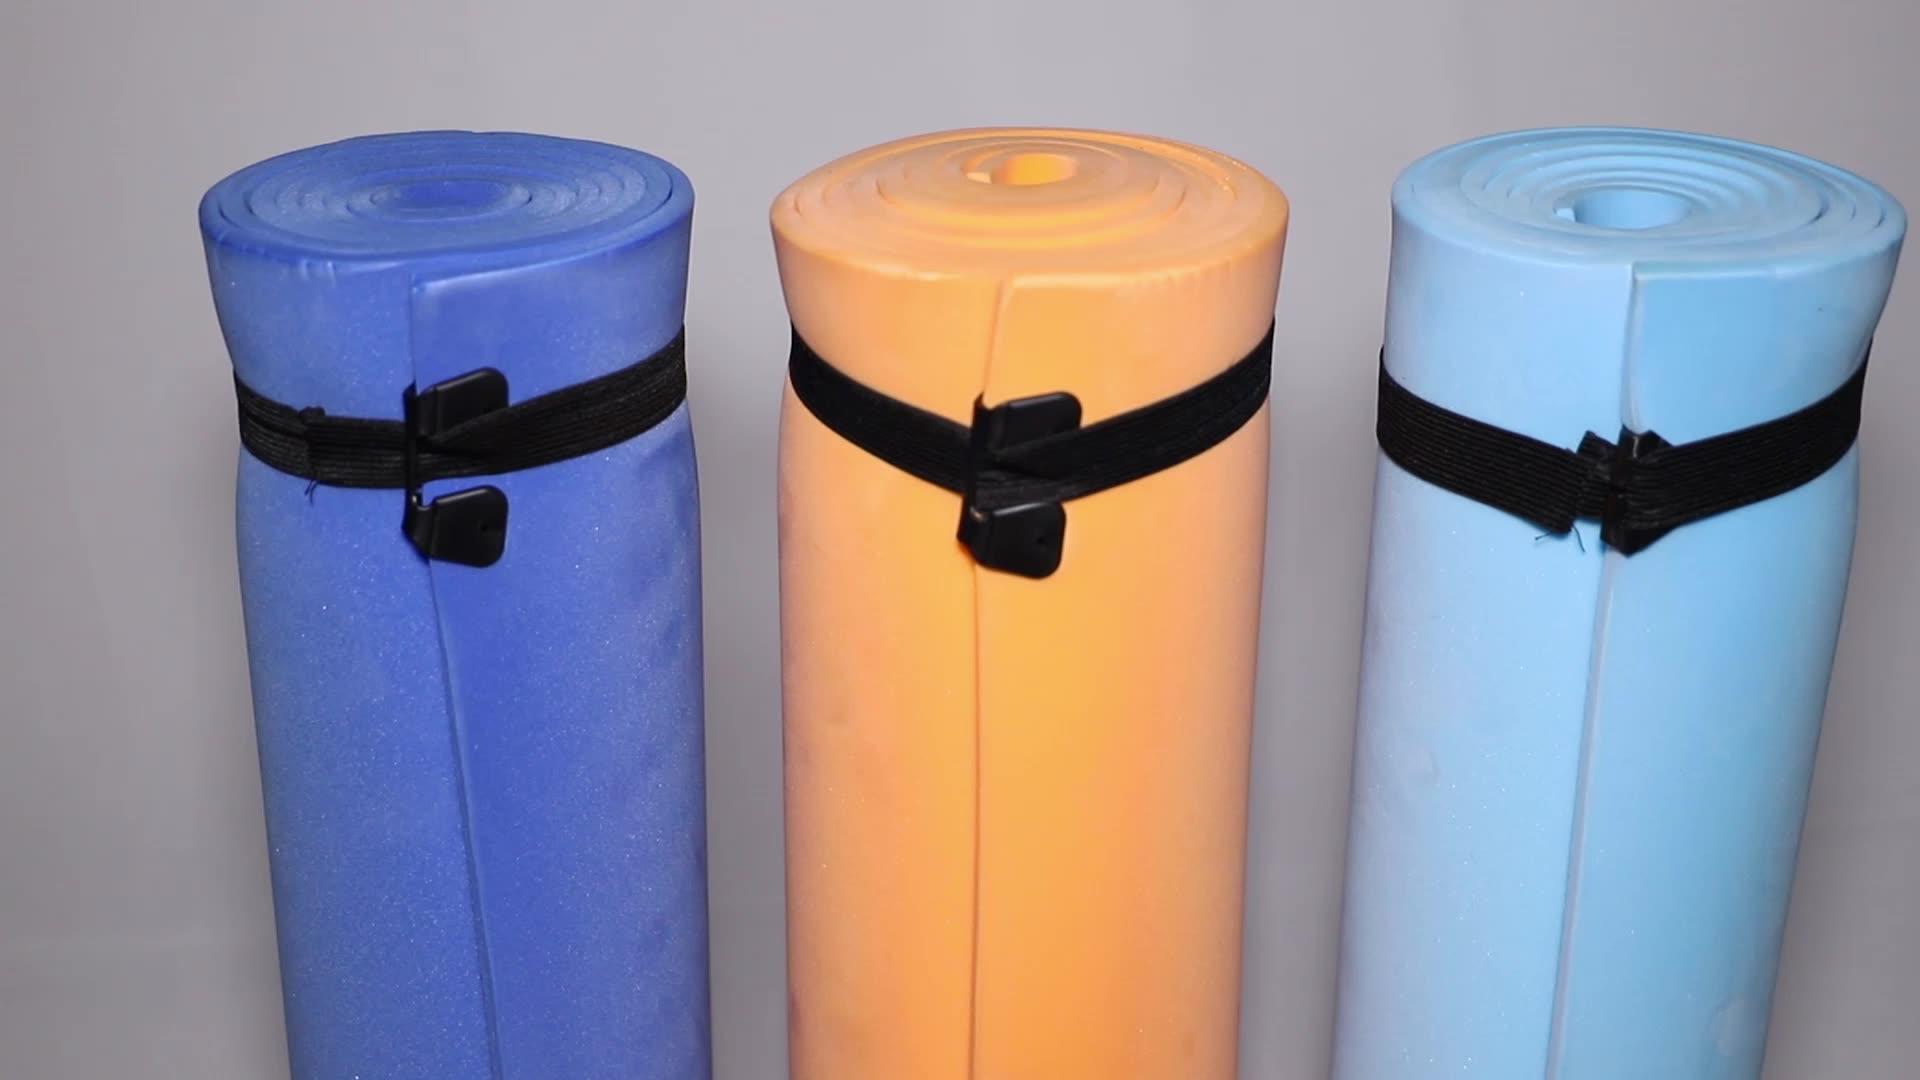 عالية الجودة الكثافة في الهواء الطلق حصيرة جمنازيوم تصنيع مقاوم للماء المضادة للانزلاق اليوغا لفة سجاد